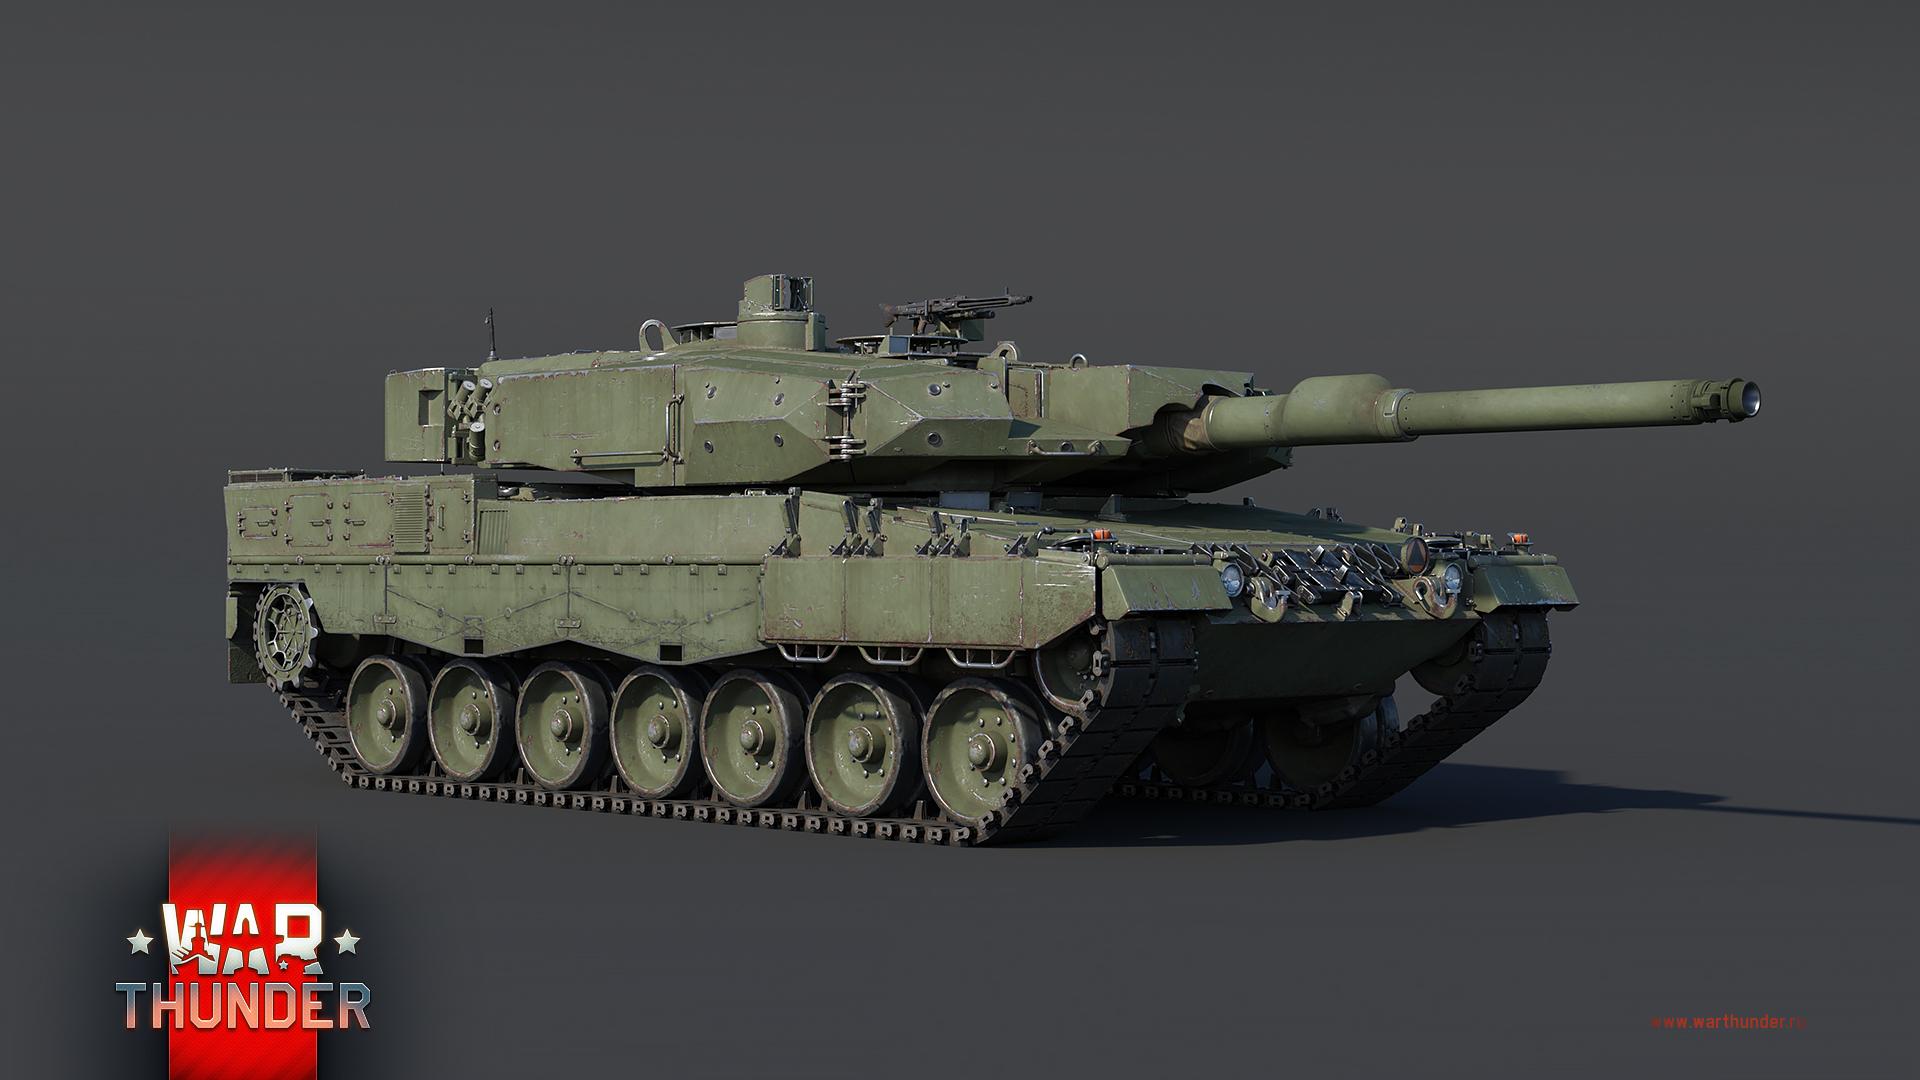 https://static.warthunder.ru/upload/image/!2021/02/DB/1920x1080_leopard_2pl_logo_ru_b3030b5b3415a8fe5408ef461662c68b.jpg